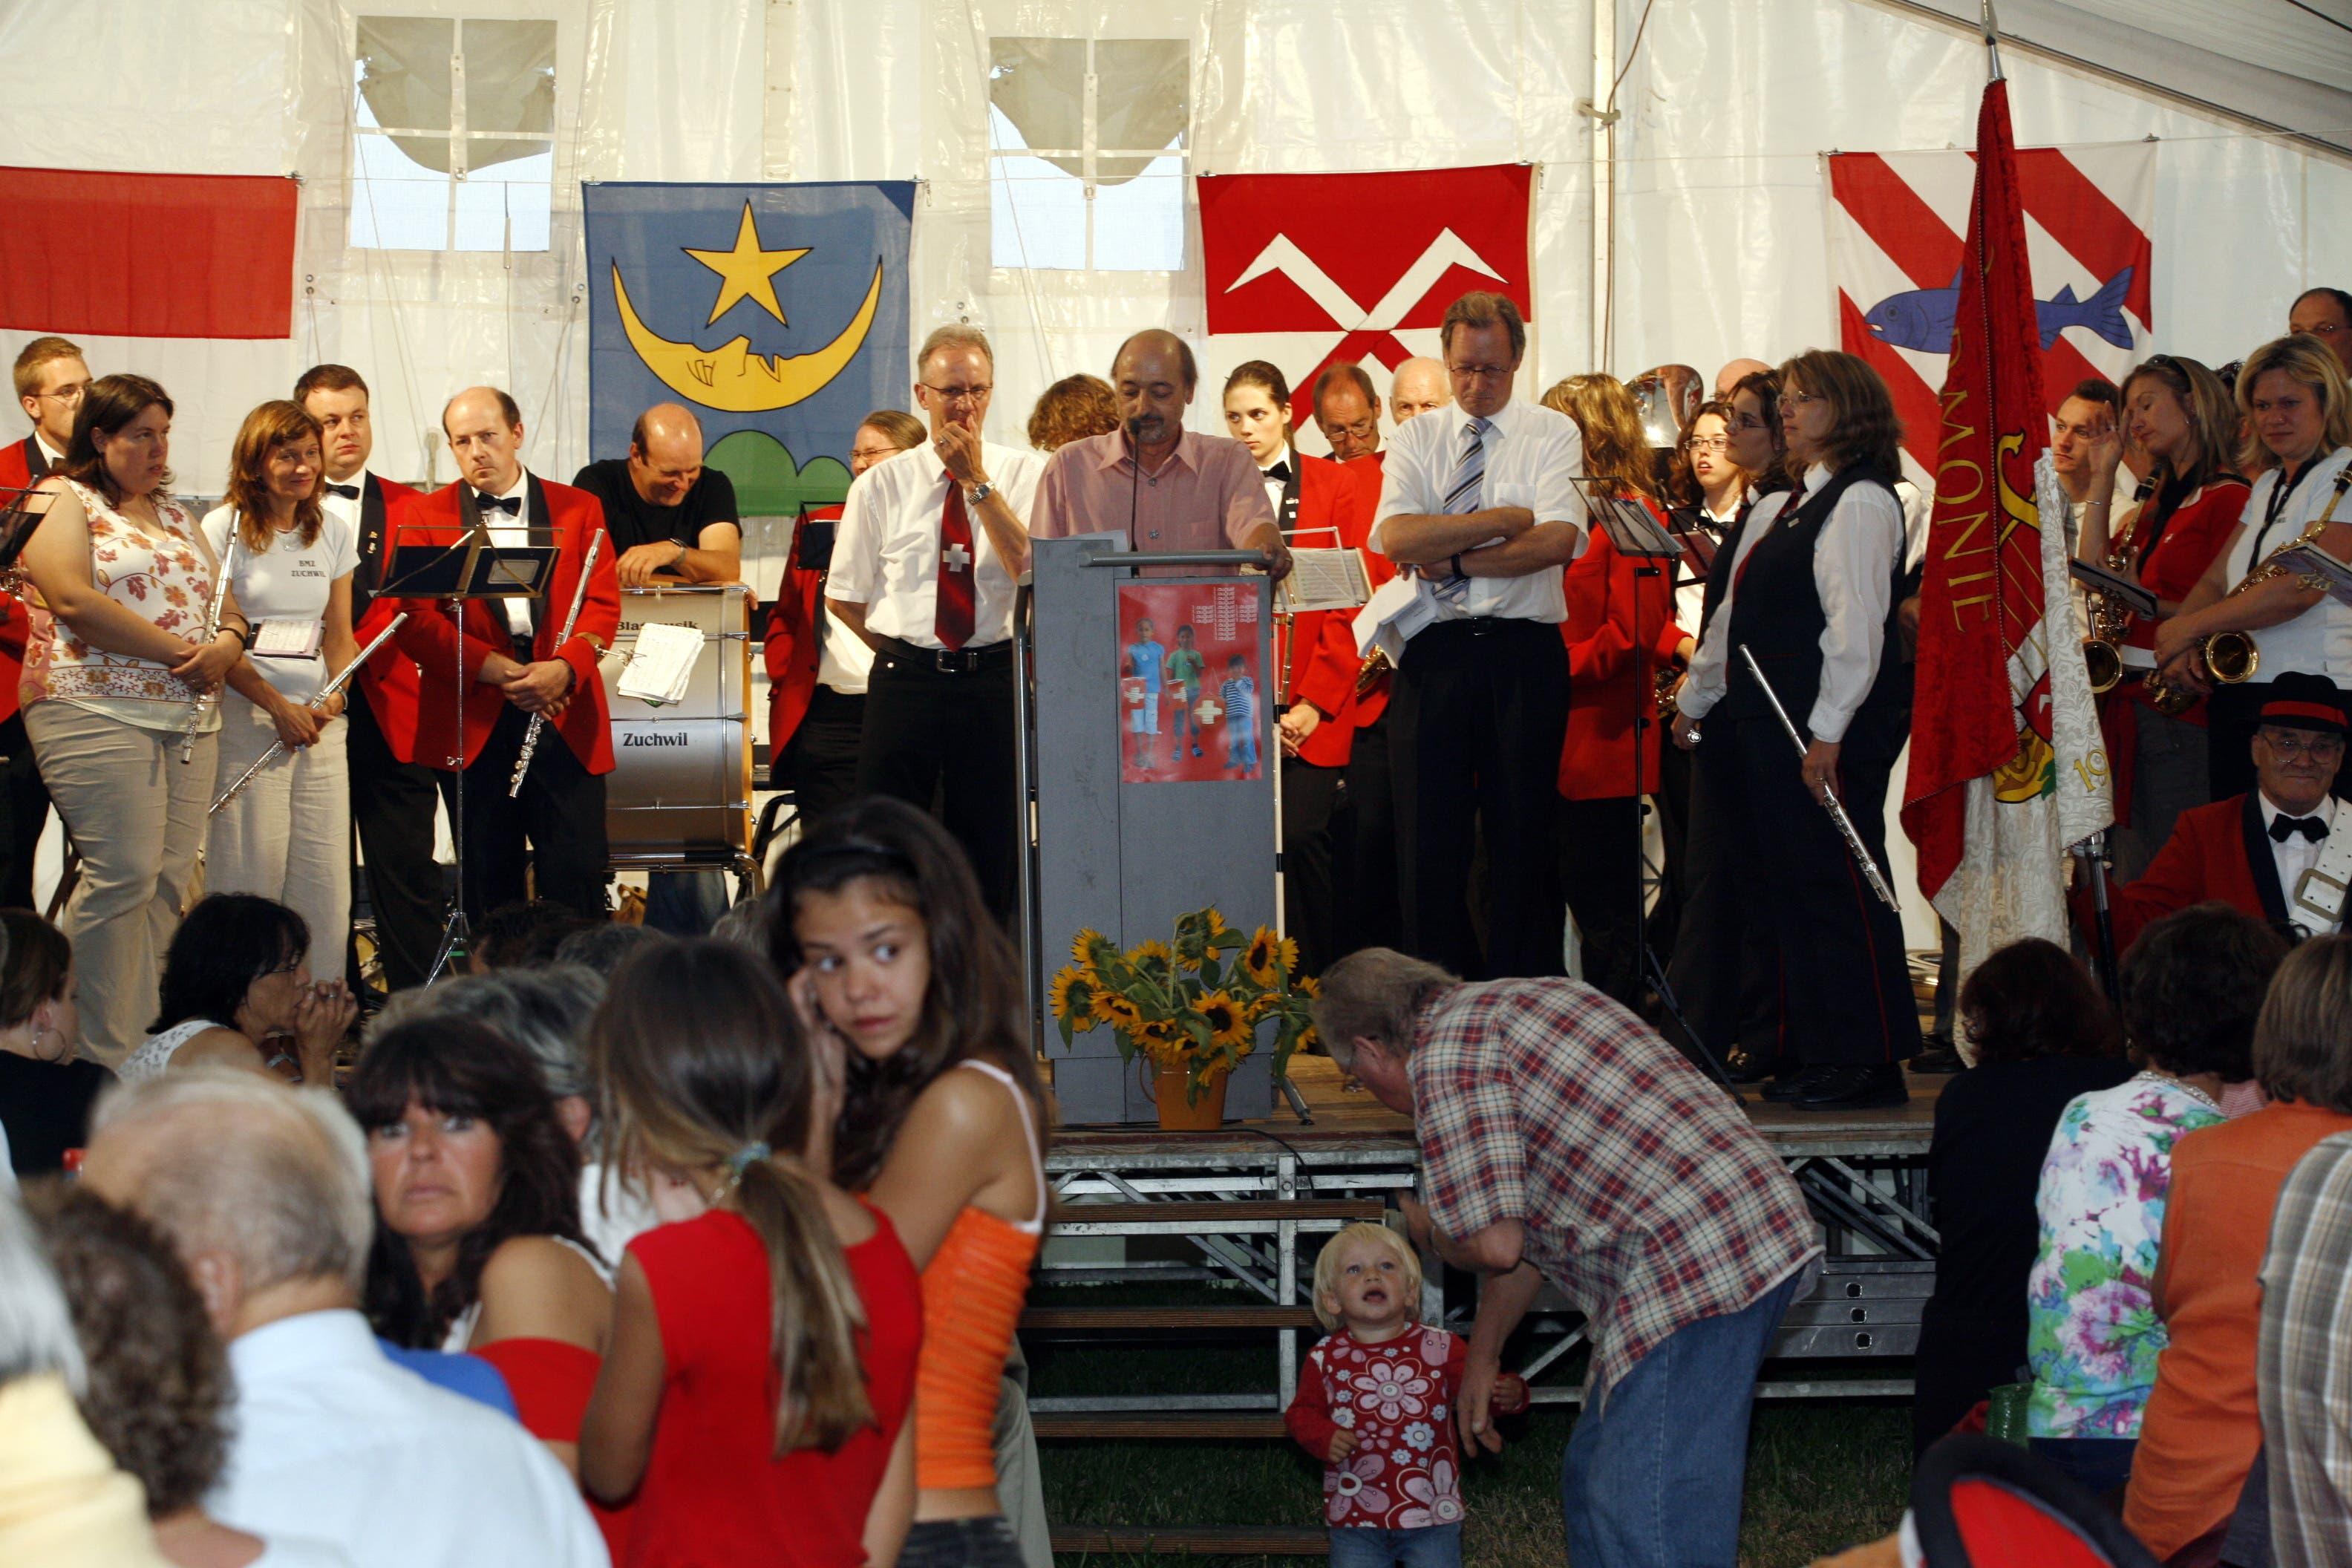 Gemeinsame 1. August-Feier mit Biberist und Zuchwil auf dem Bleichenberg. Kuno Tschumi tritt als Redner auf, plaudert dabei aber auch mit der Bevölkerung.